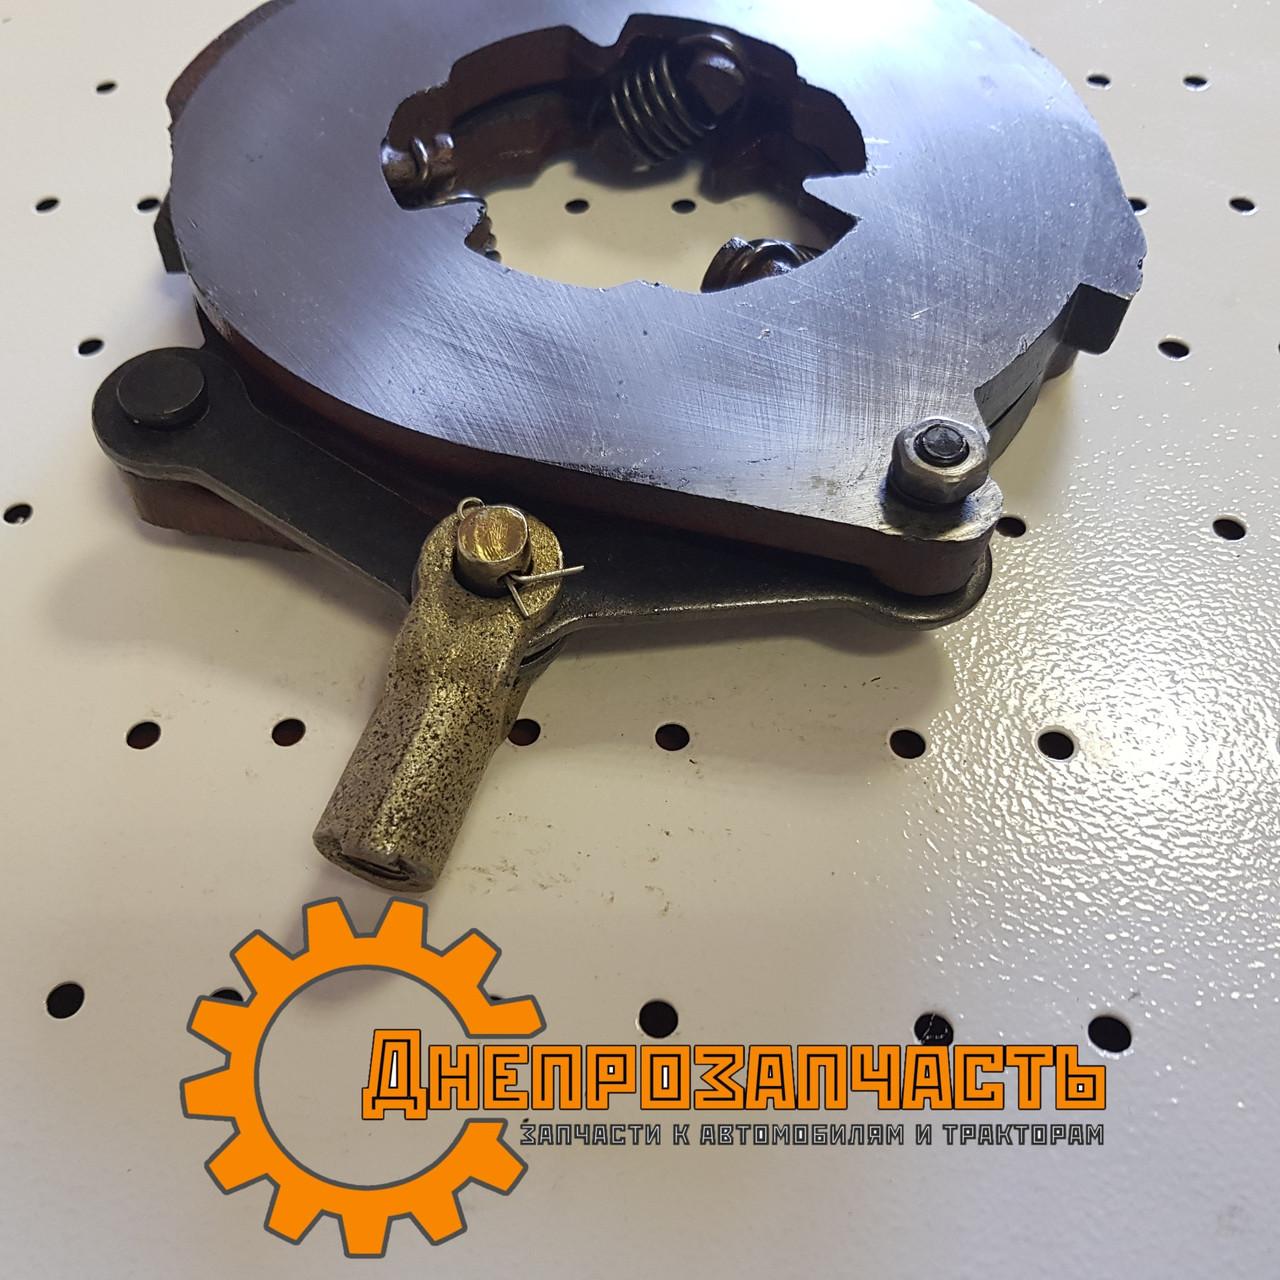 Тормозной диск ЮМЗ (с увеличенным ресурсом)